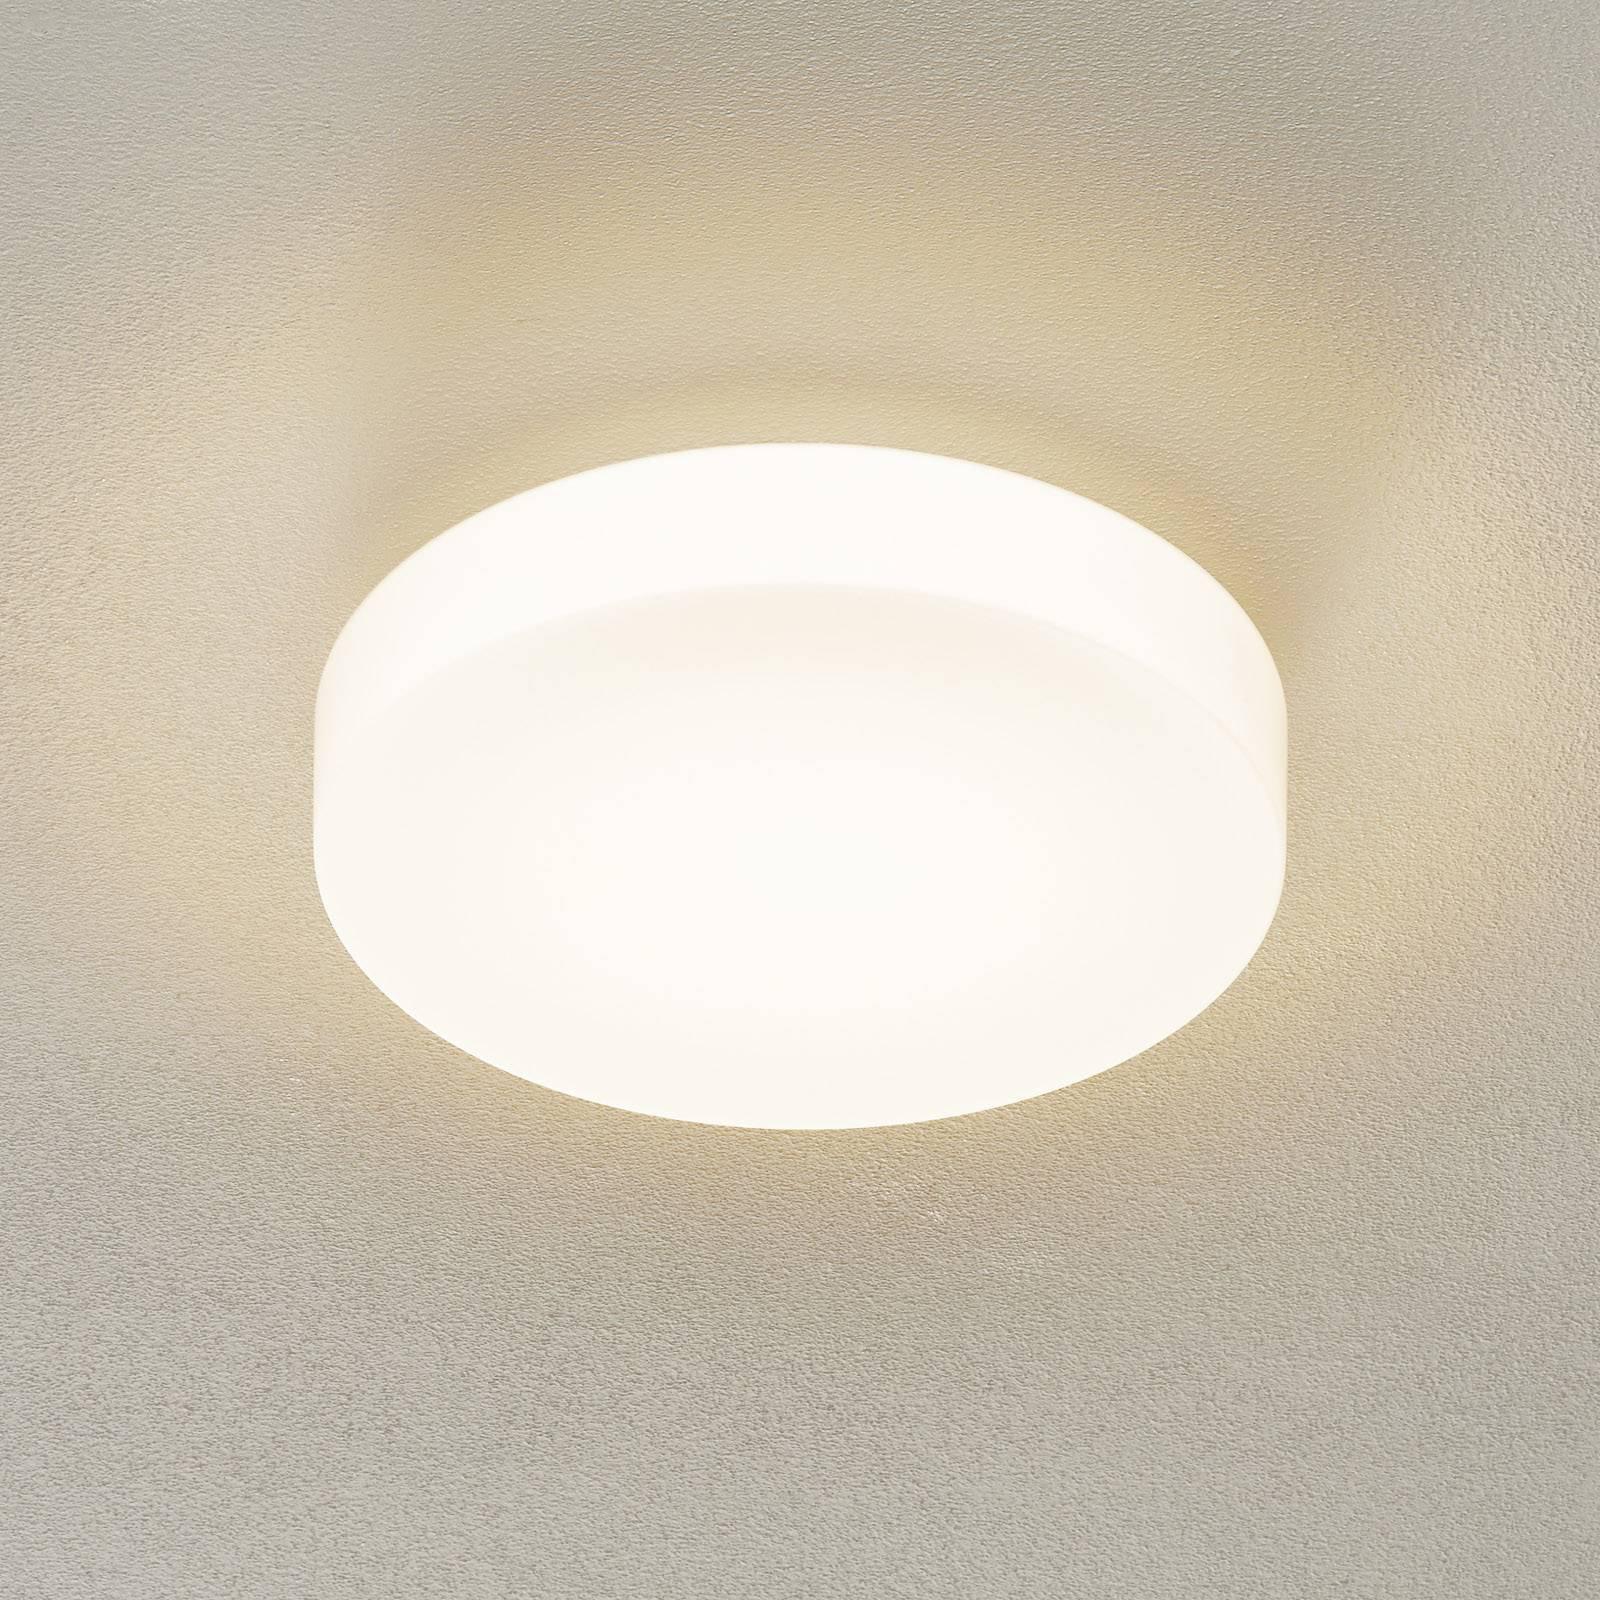 BEGA 34287 LED-taklampe glass DALI 3 000 K Ø 34 cm